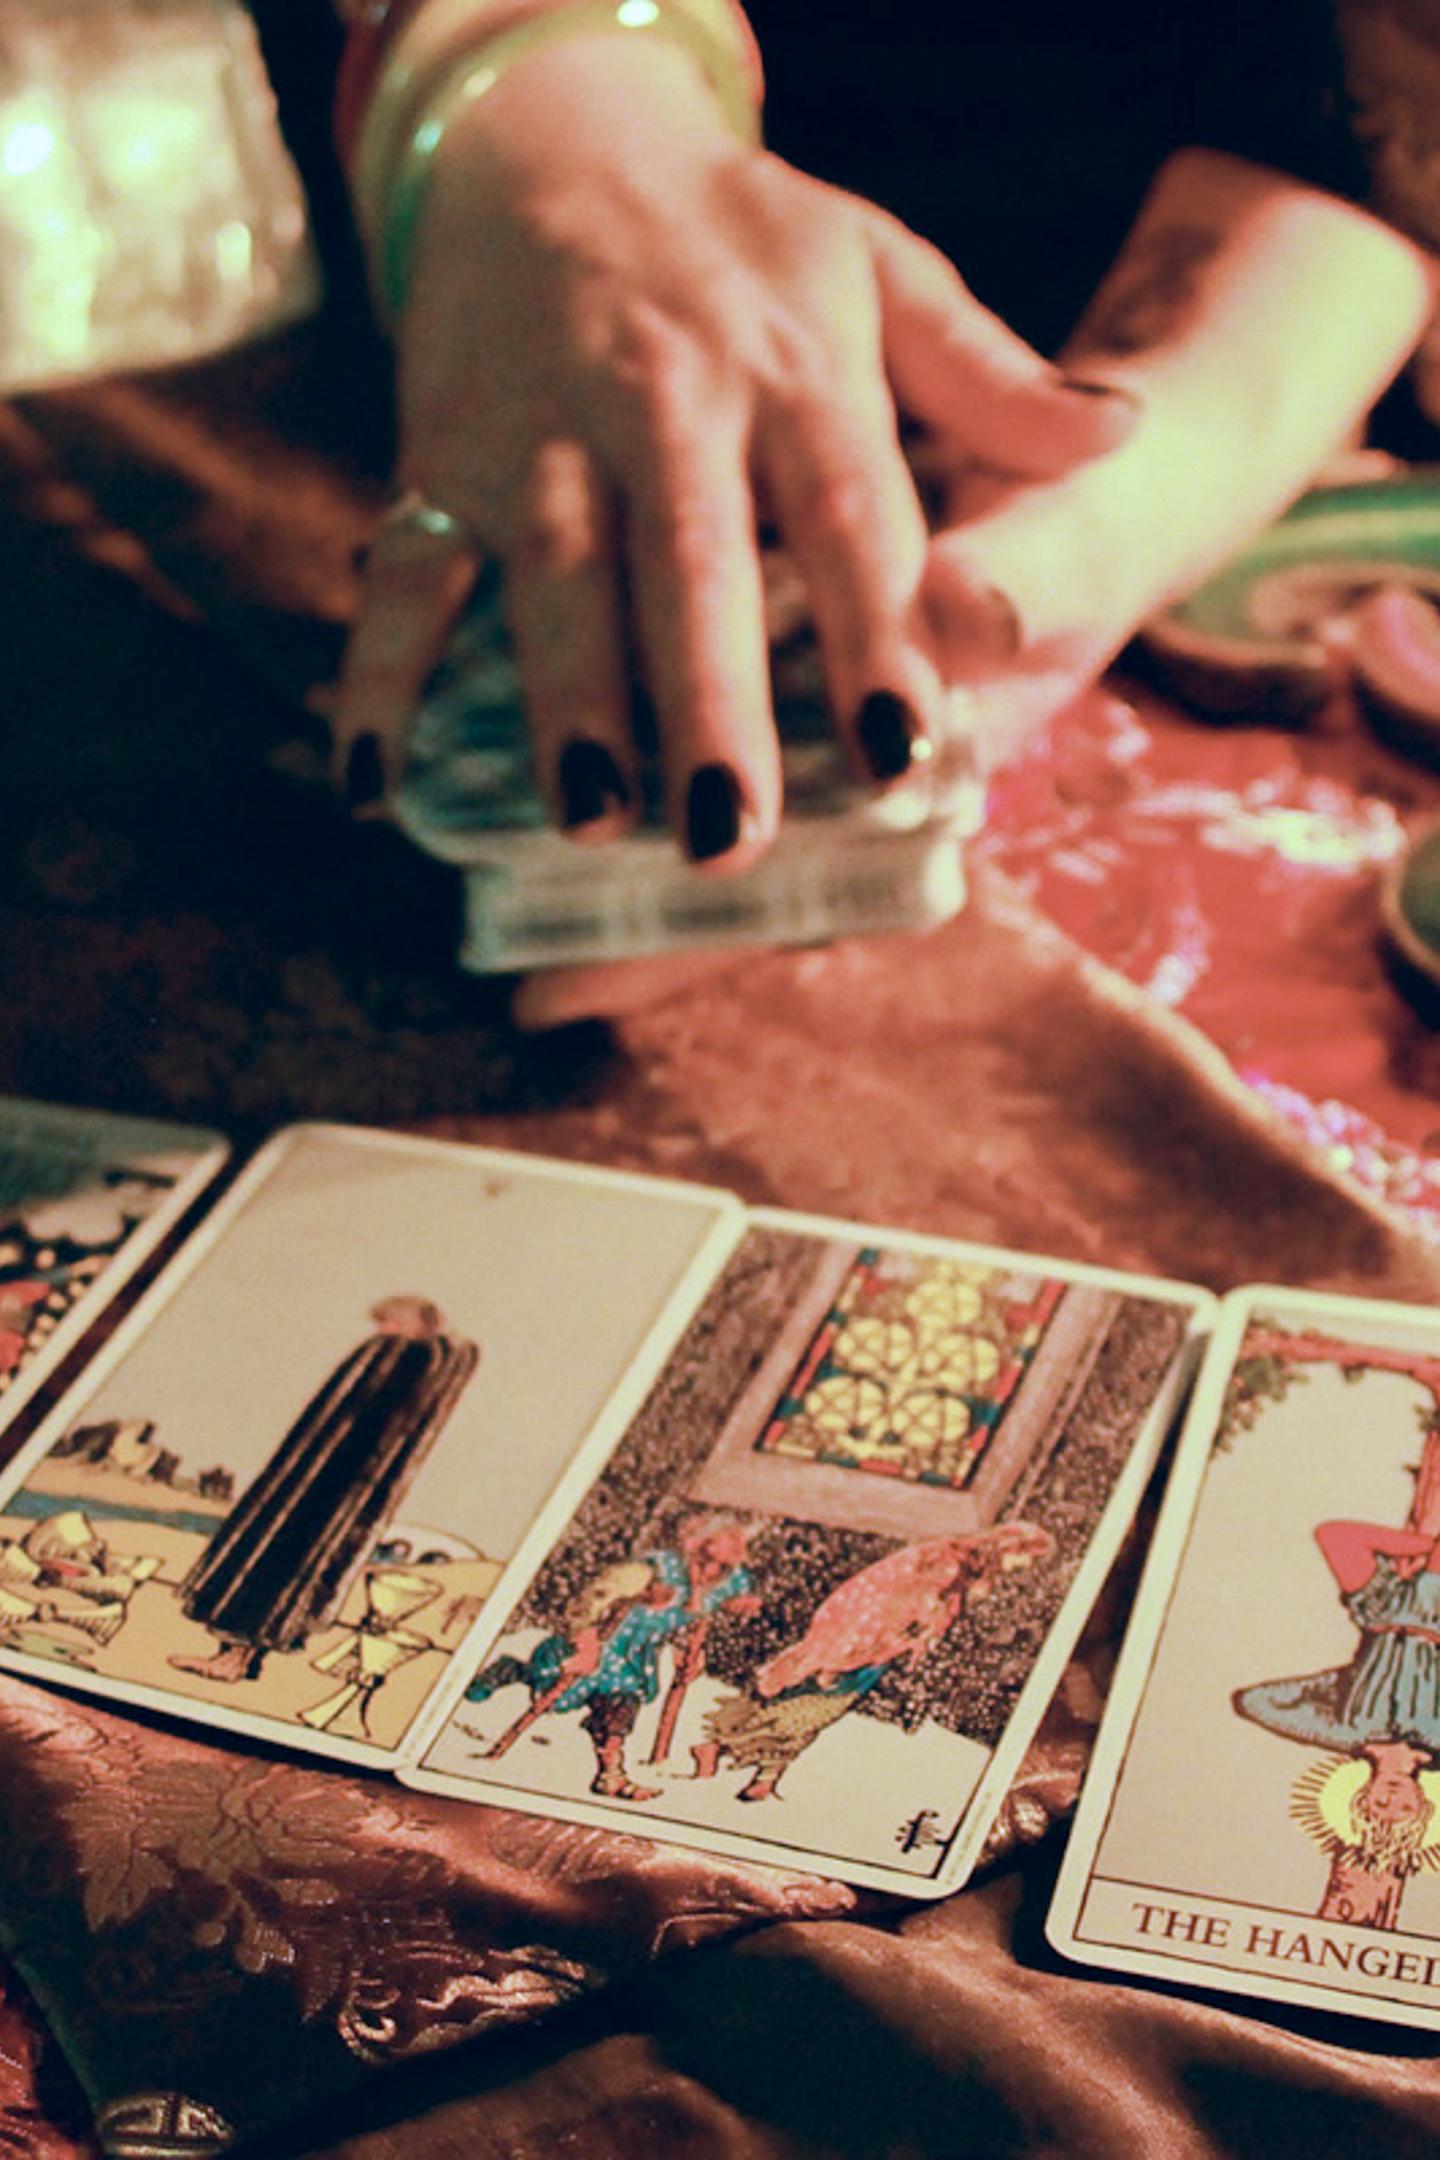 10 card Tarot spread per person